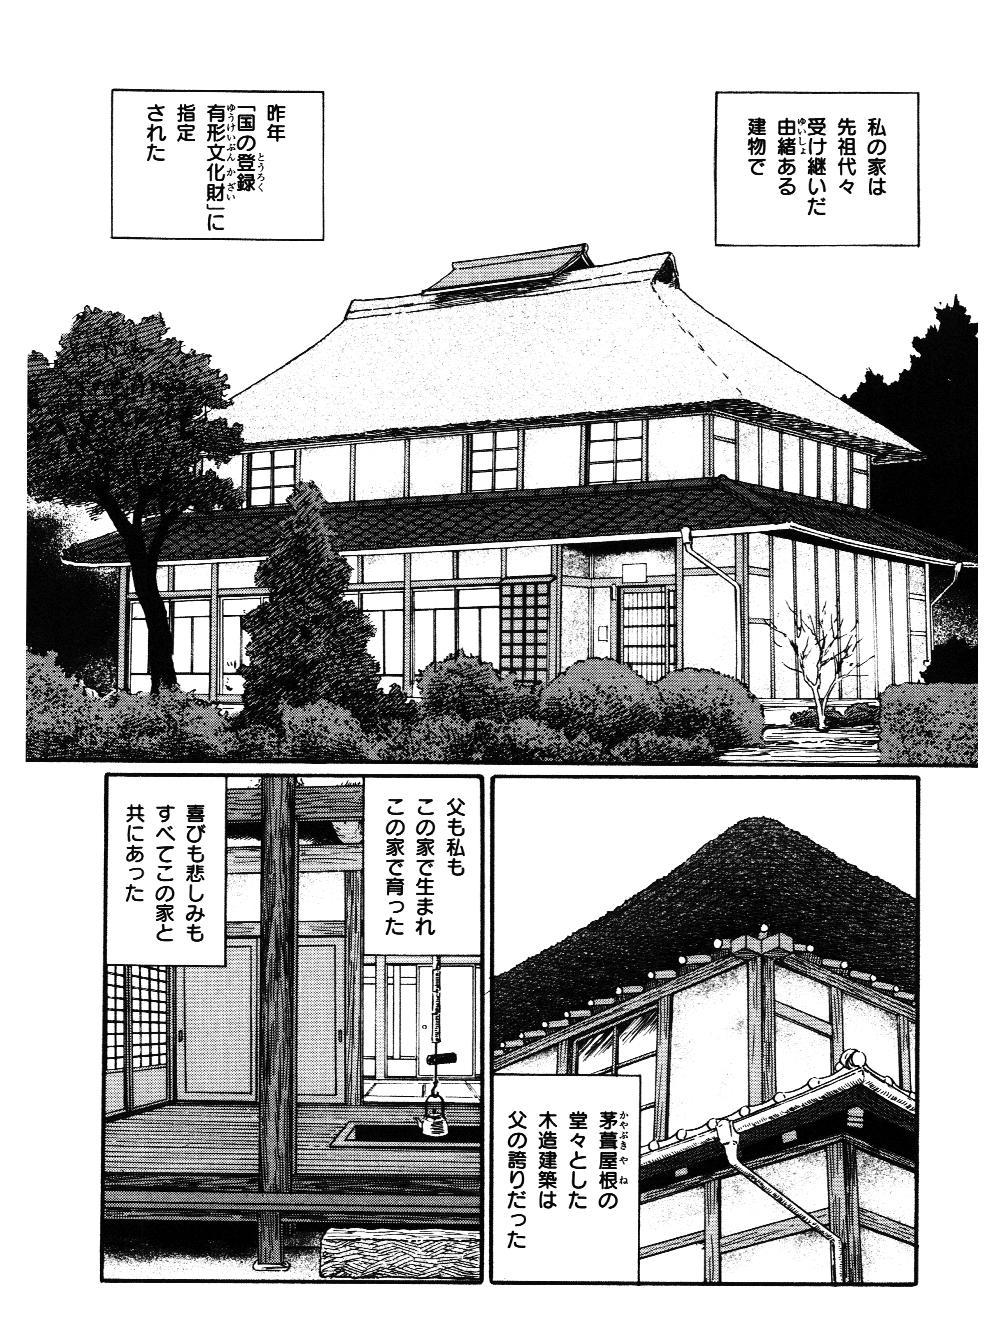 魔の断片 第2話「木造の怪」①manodanpen02-02.jpg